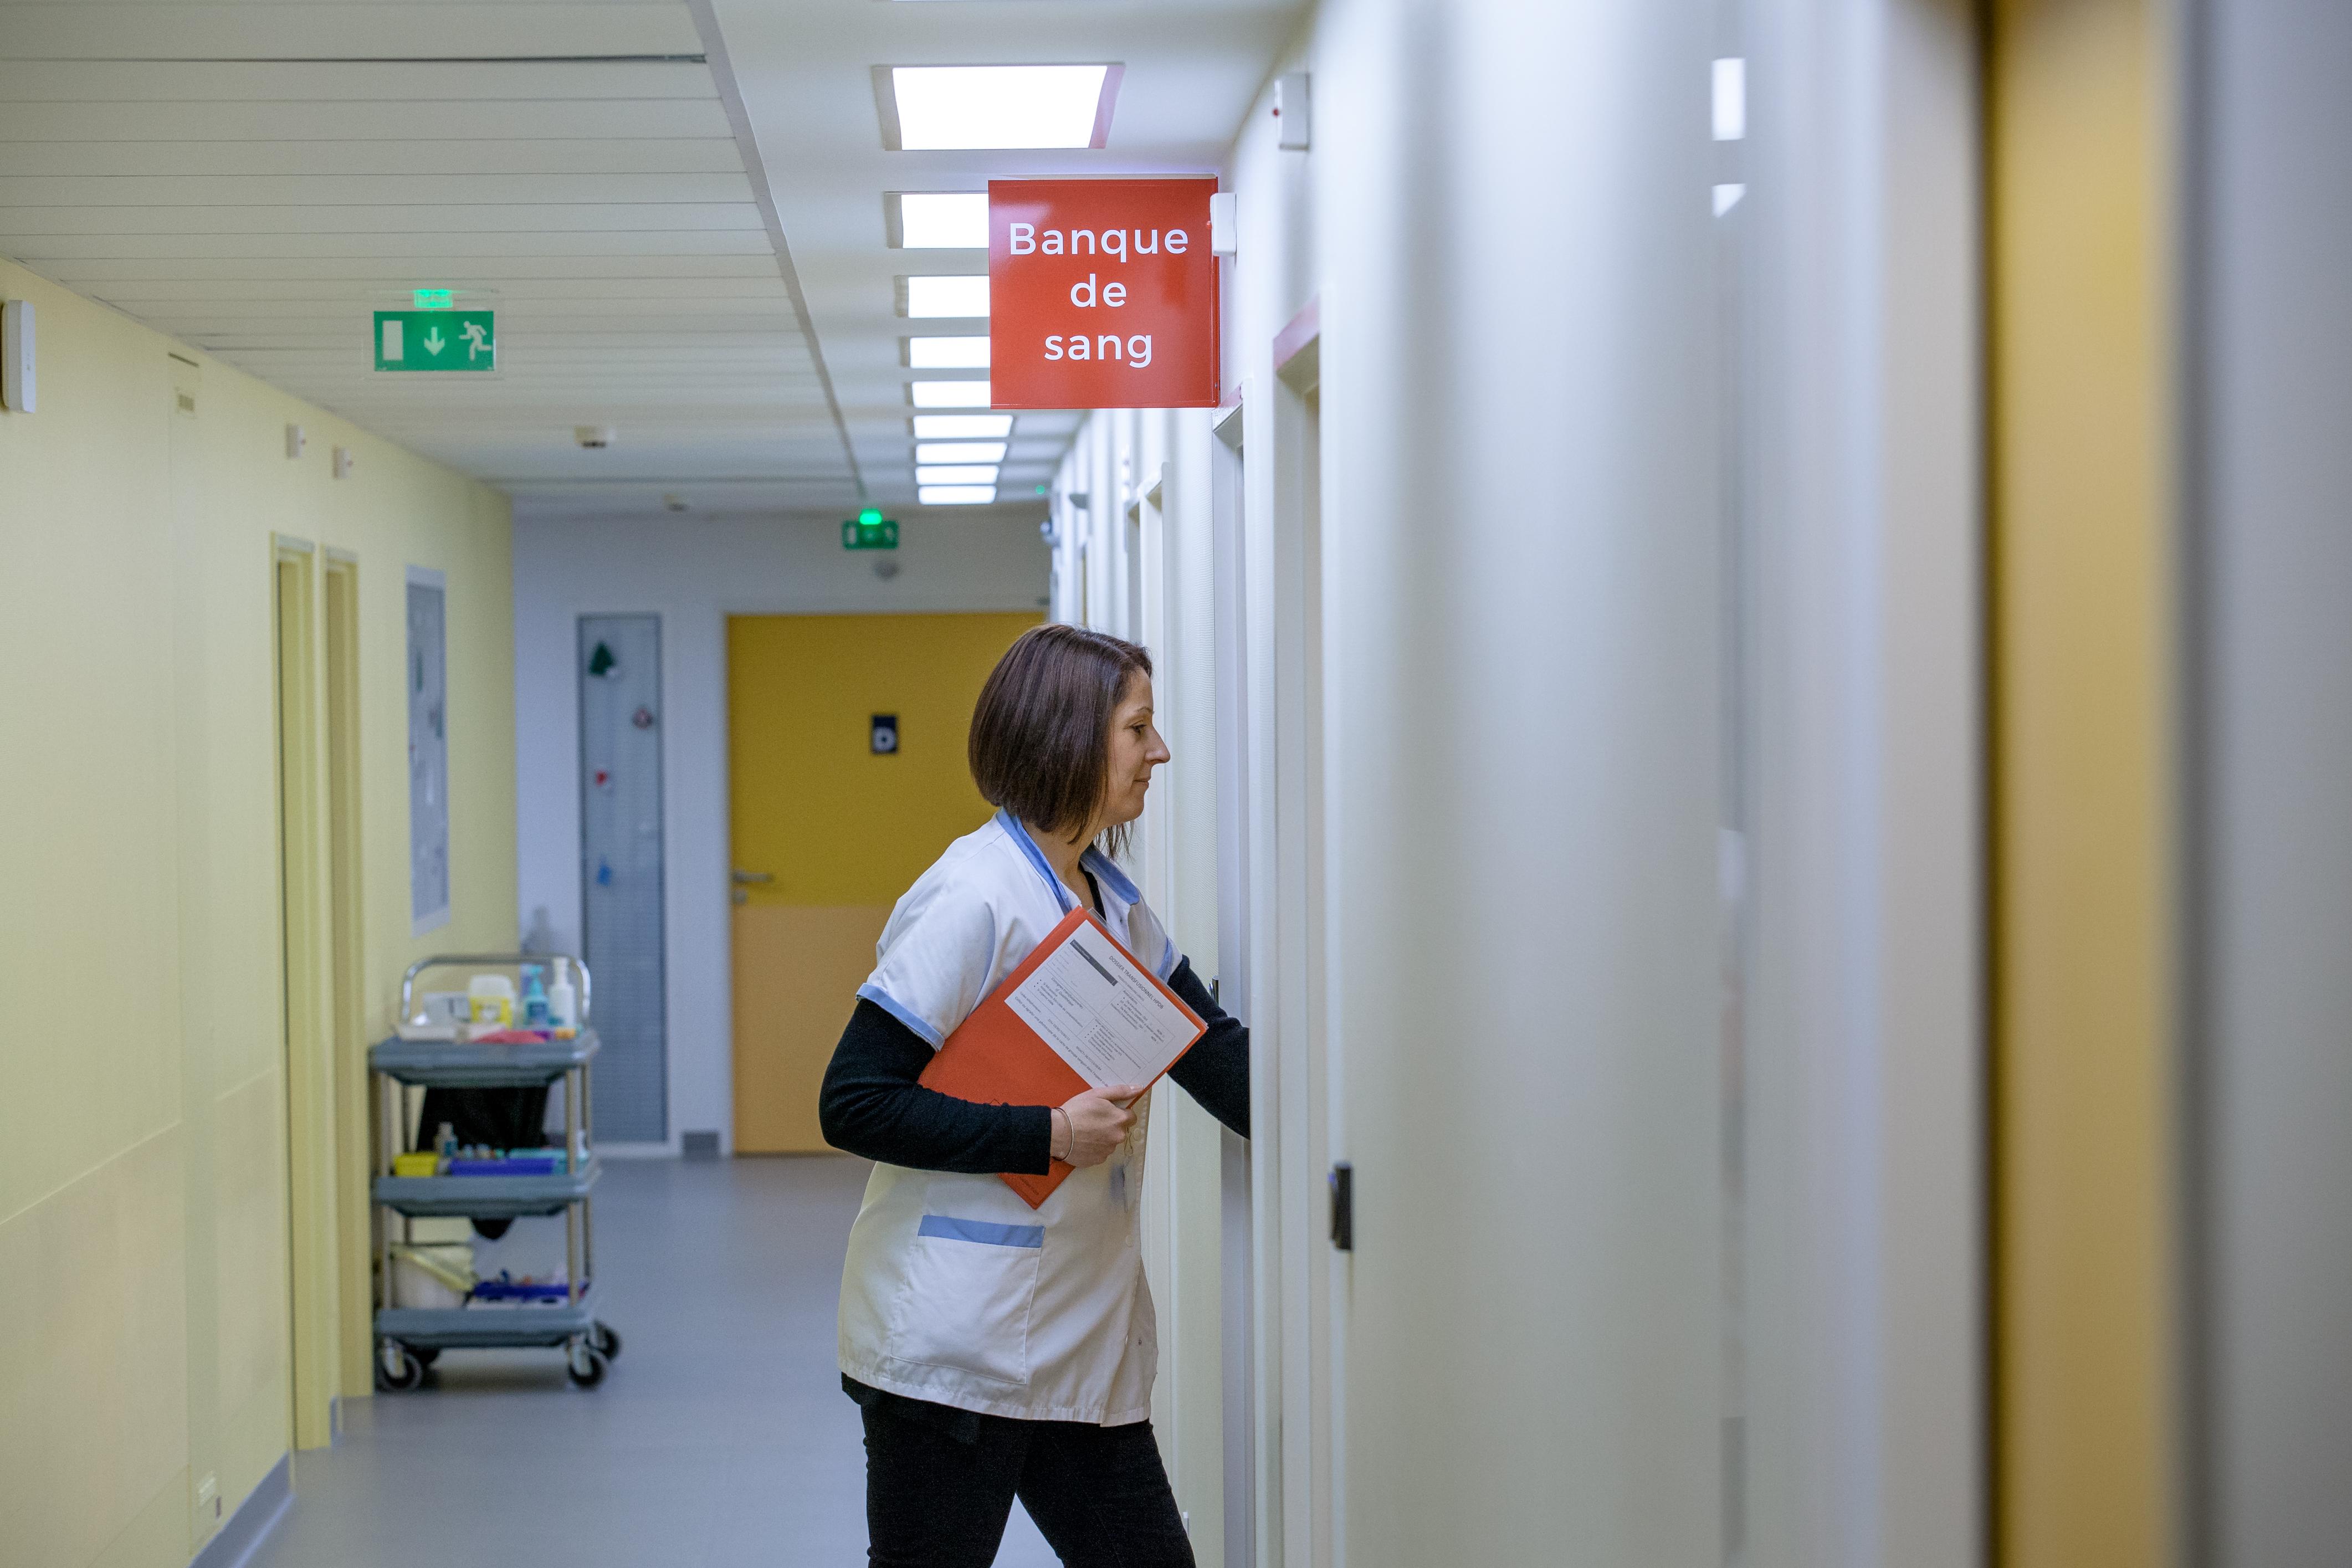 Hémovigilance Hôpital Privé Dijon Bourgogne